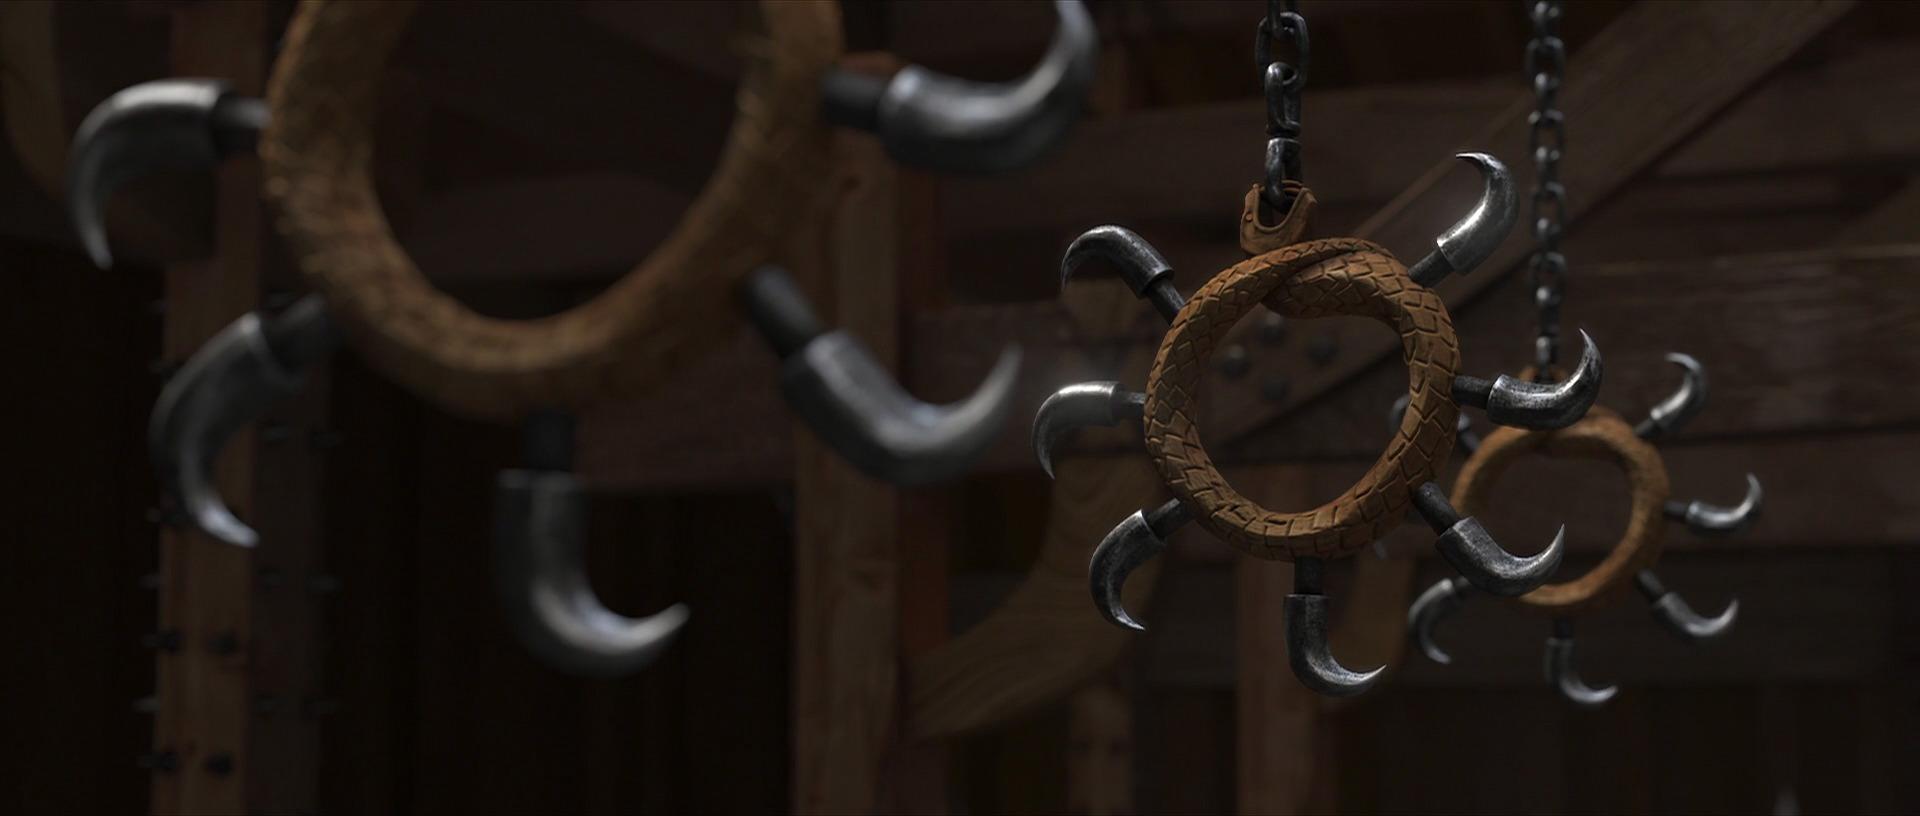 Seven-Talon Rings